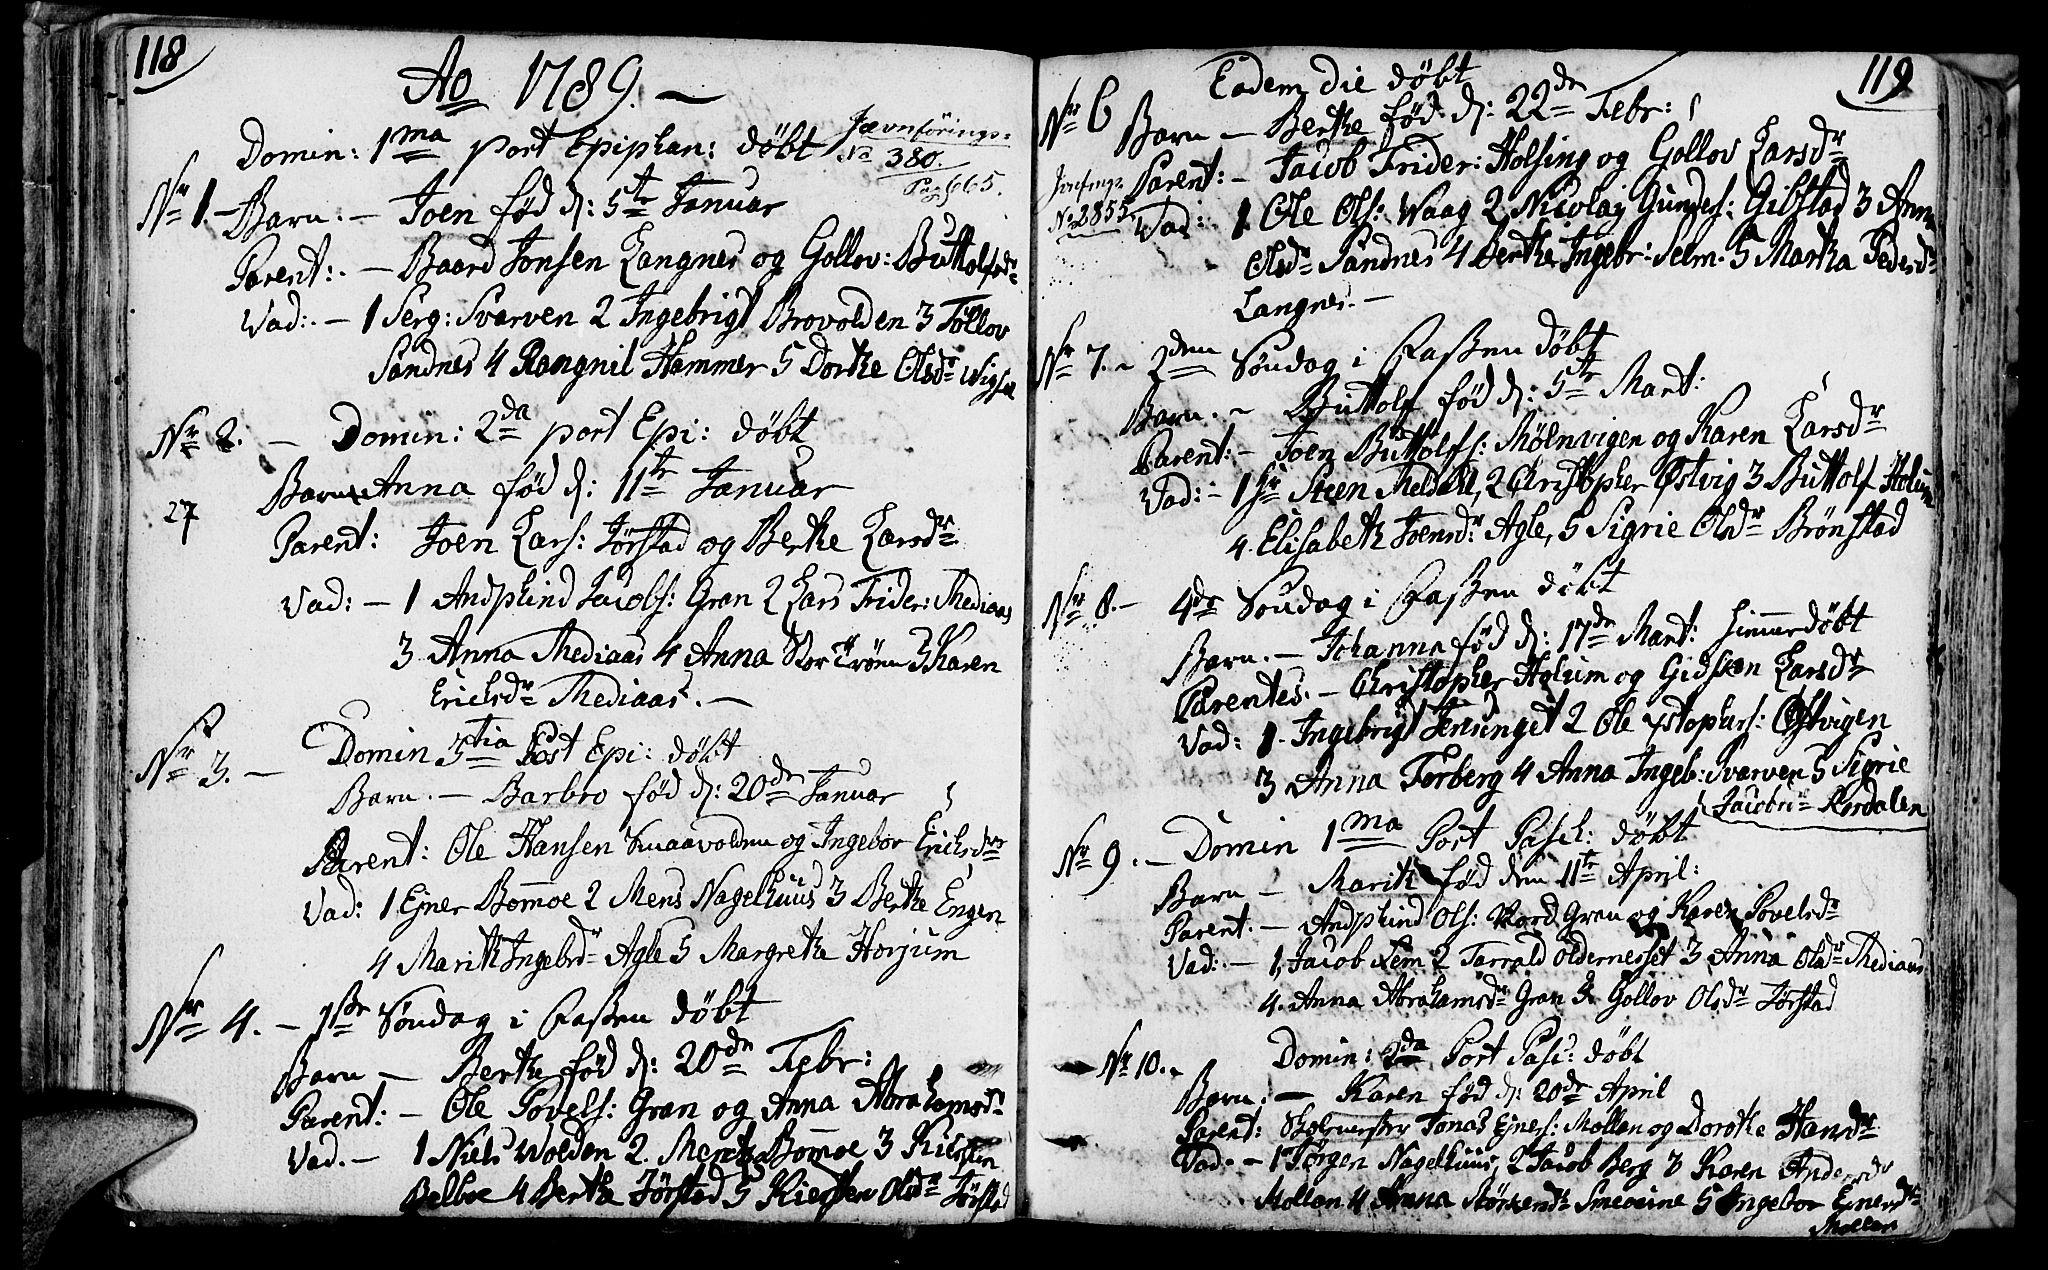 SAT, Ministerialprotokoller, klokkerbøker og fødselsregistre - Nord-Trøndelag, 749/L0468: Ministerialbok nr. 749A02, 1787-1817, s. 118-119